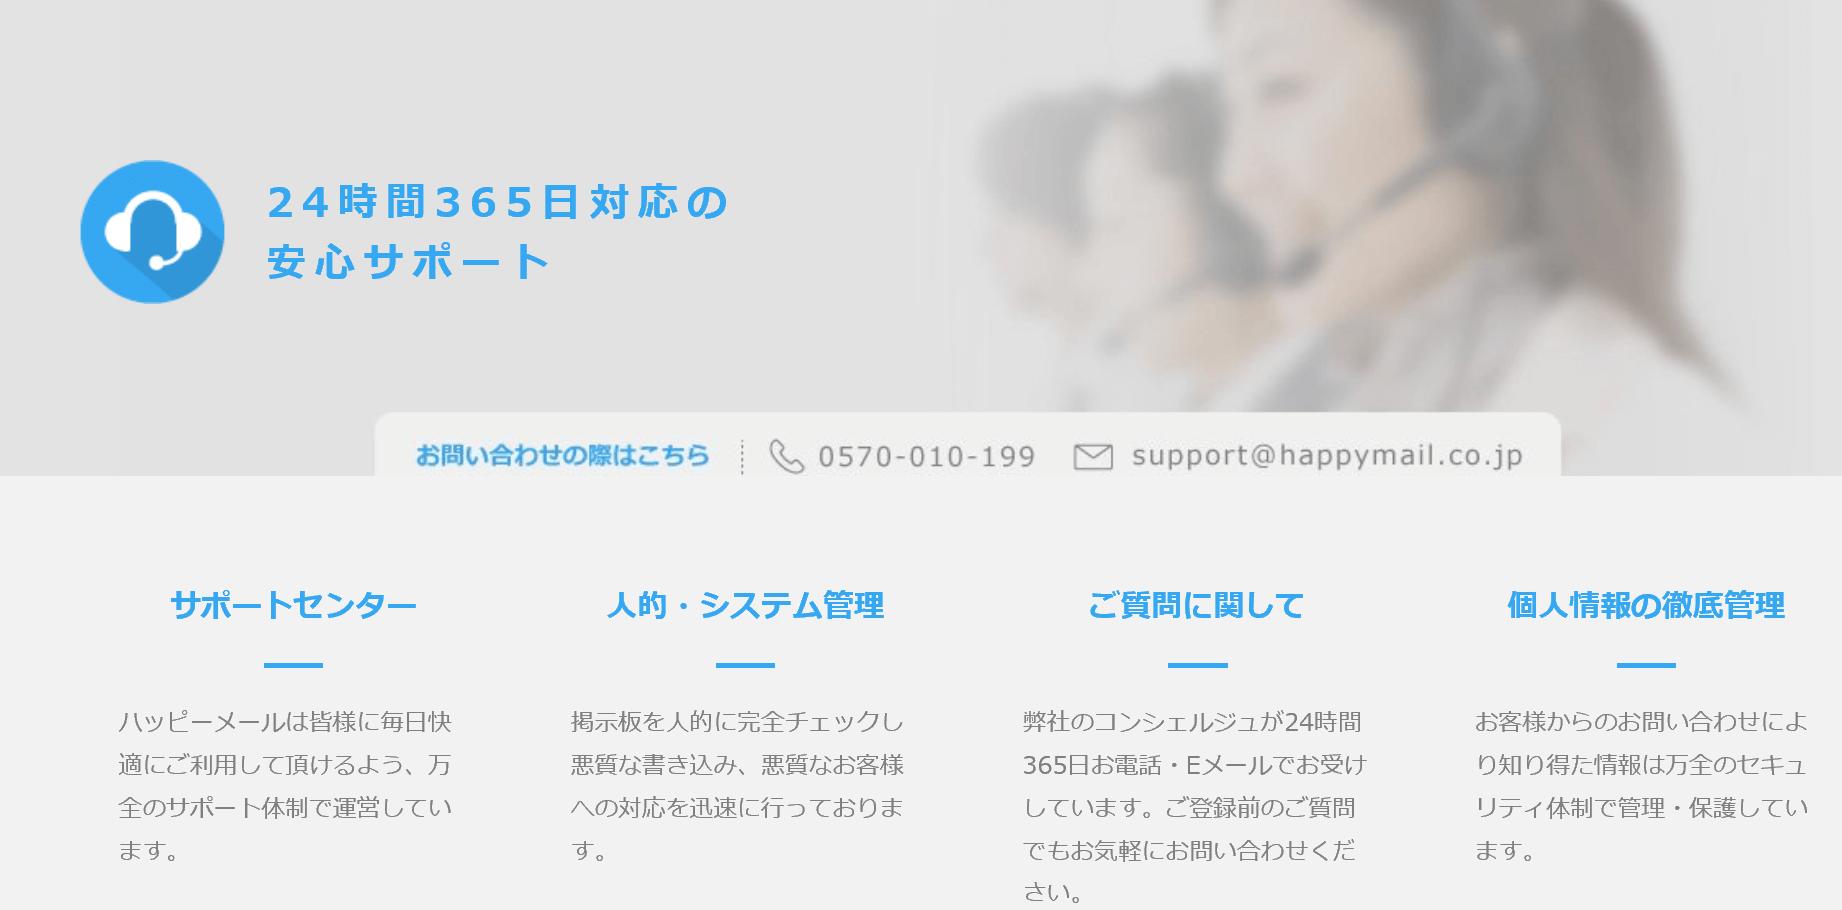 ハッピーメールの24時間365日の安心サポート